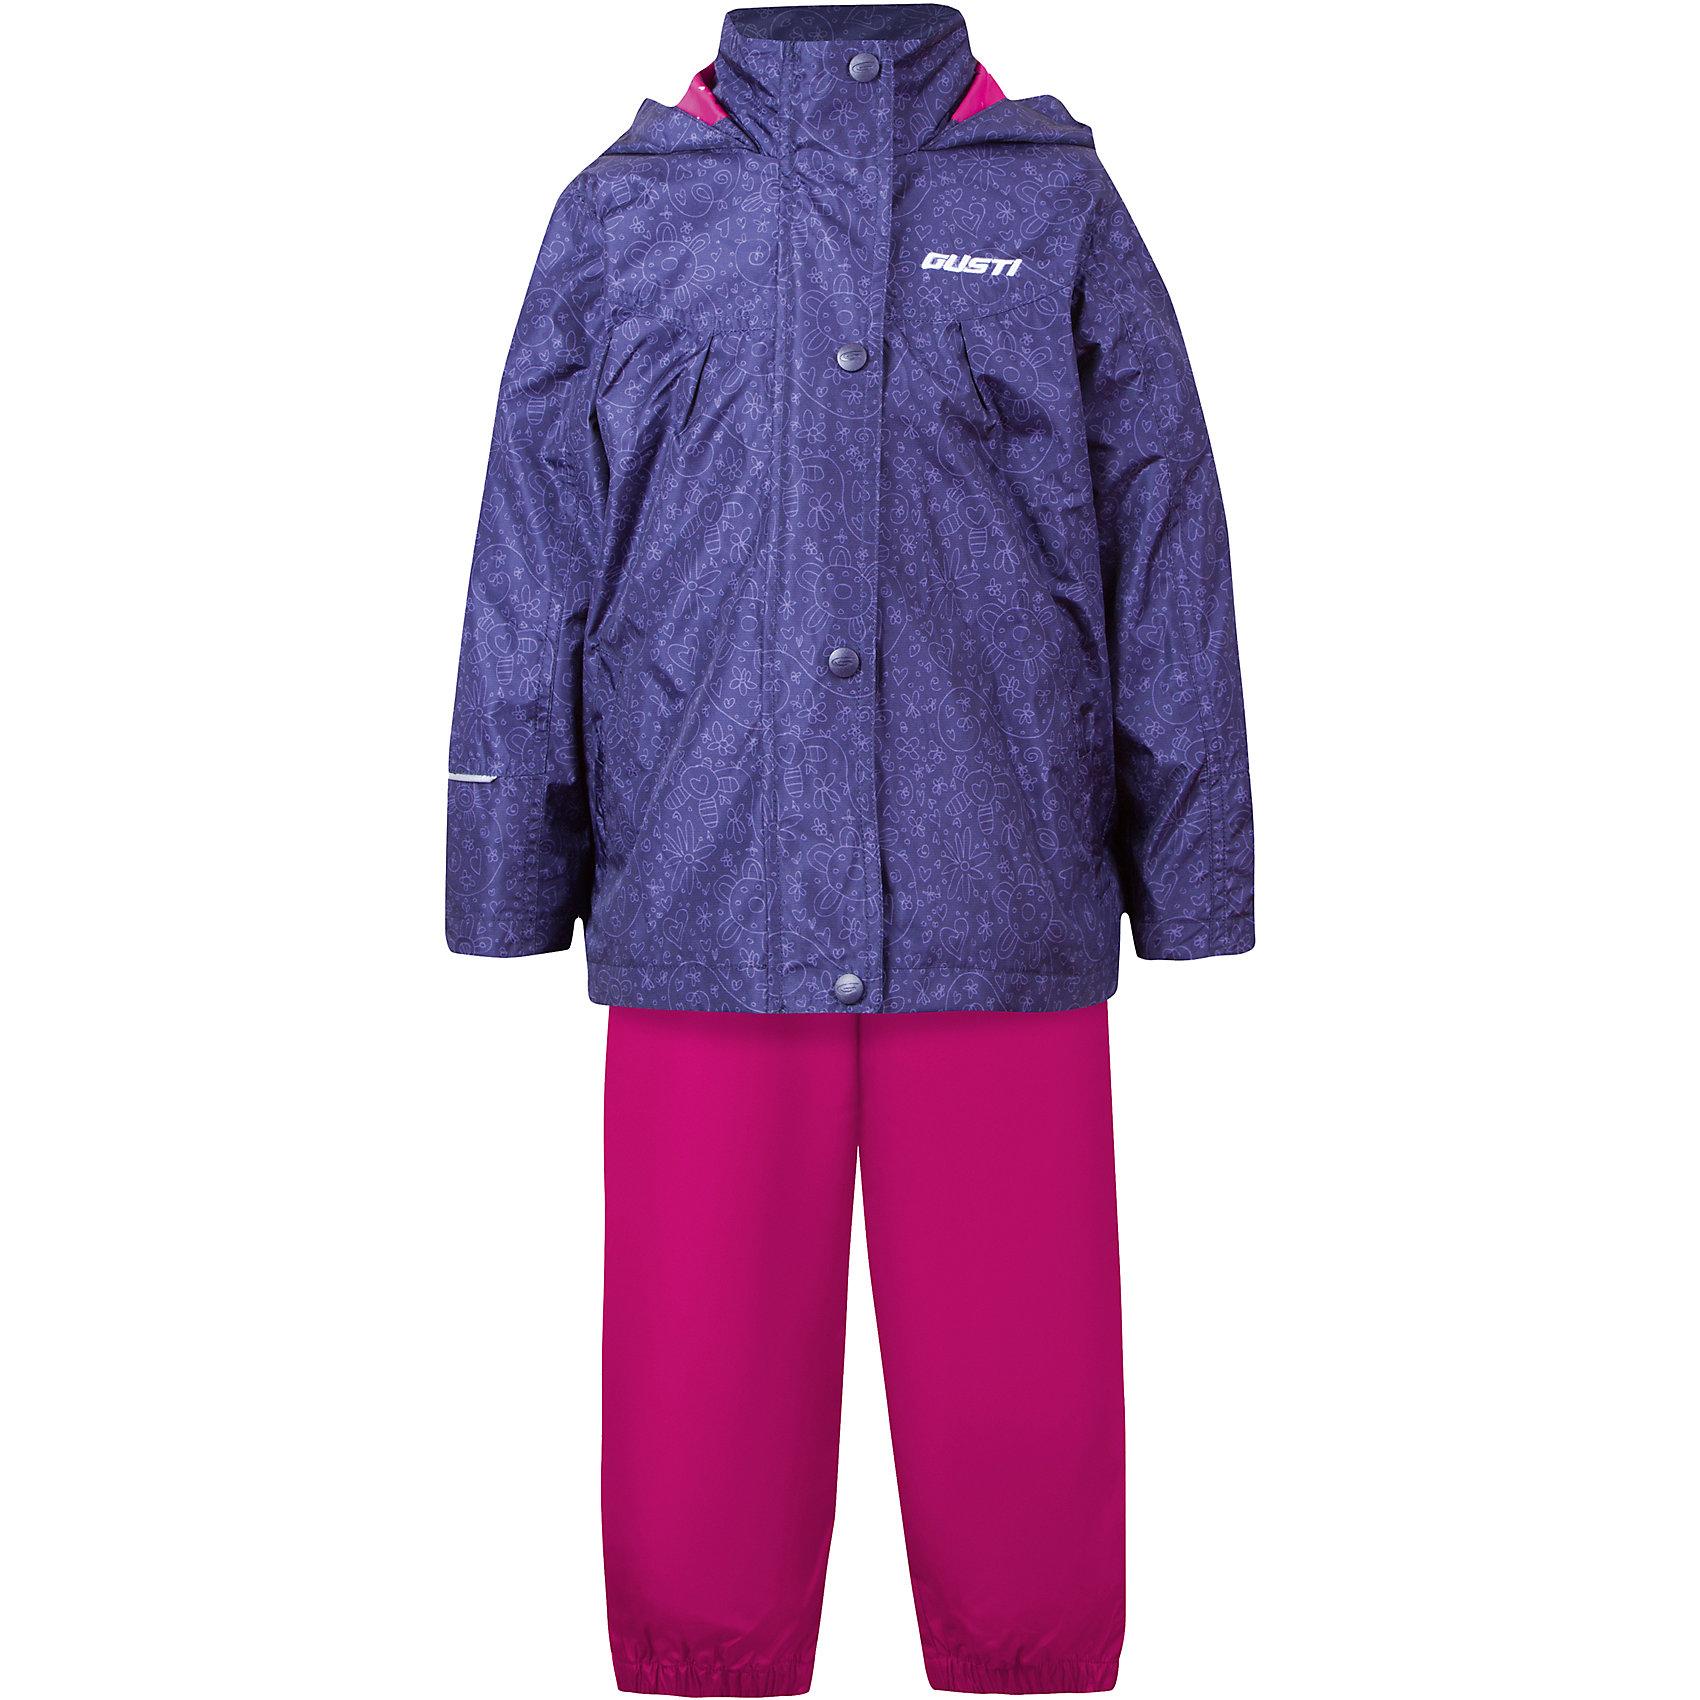 Комплект: куртка, толстовка и брюки для девочки GustiВерхняя одежда<br>Характеристики товара:<br><br>• цвет: синий/розовый<br>• состав: 100% полиэстер, подкладка, утеплитель - 100% полиэстер<br>• комплектация: куртка, съемная флисовая подкладка, брюки<br>• температурный режим: от +5° С до +15° С<br>• водонепроницаемый материал<br>• капюшон<br>• карманы<br>• съемные подтяжки<br>• брючины эластичные<br>• комфортная посадка<br>• светоотражающие элементы<br>• молния<br>• утеплитель: синтепон<br>• демисезонный<br>• страна бренда: Канада<br><br>Этот демисезонный комплект из куртки, пристегивающейся к ней толстовки из флиса, и штанов поможет обеспечить ребенку комфорт и тепло. Предметы удобно садятся по фигуре, отлично смотрятся с различной обувью. Комплект очень модно выглядит, он хорошо защищает от ветра и влаги. Материал отлично подходит для дождливой погоды. Стильный дизайн разрабатывался специально для детей.<br><br>Комплект: куртка, толстовка и брюки для девочки от известного бренда Gusti (Густи) можно купить в нашем интернет-магазине.<br><br>Ширина мм: 356<br>Глубина мм: 10<br>Высота мм: 245<br>Вес г: 519<br>Цвет: синий<br>Возраст от месяцев: 18<br>Возраст до месяцев: 24<br>Пол: Женский<br>Возраст: Детский<br>Размер: 92,152,98,100,104,110,116,120,122,128,140<br>SKU: 5452488